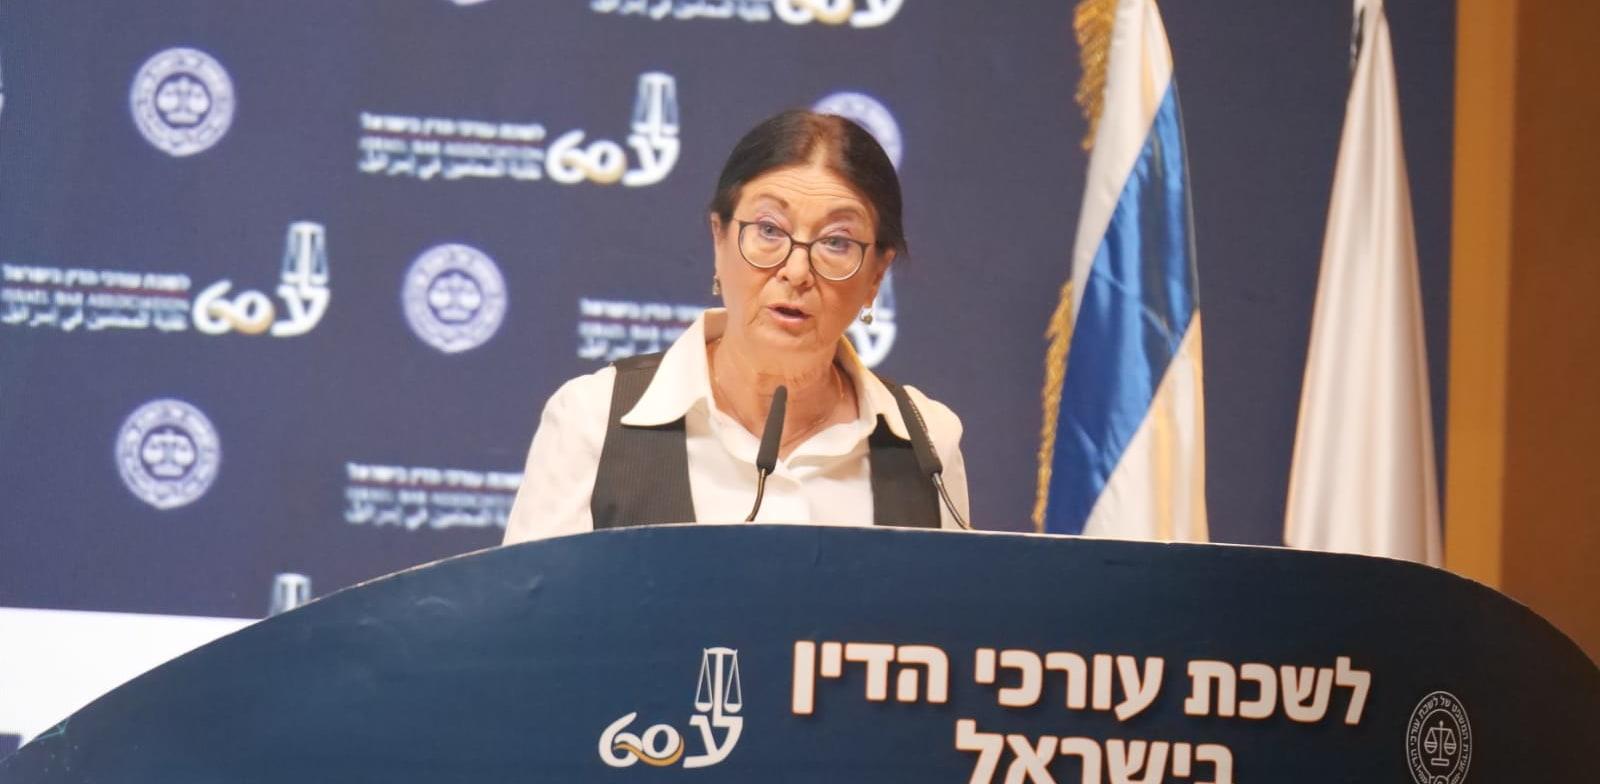 נשיאת בית המשפט העליון אסתר חיות בוועידת המשפט השנתית, היום / צילום: תמר מצפי